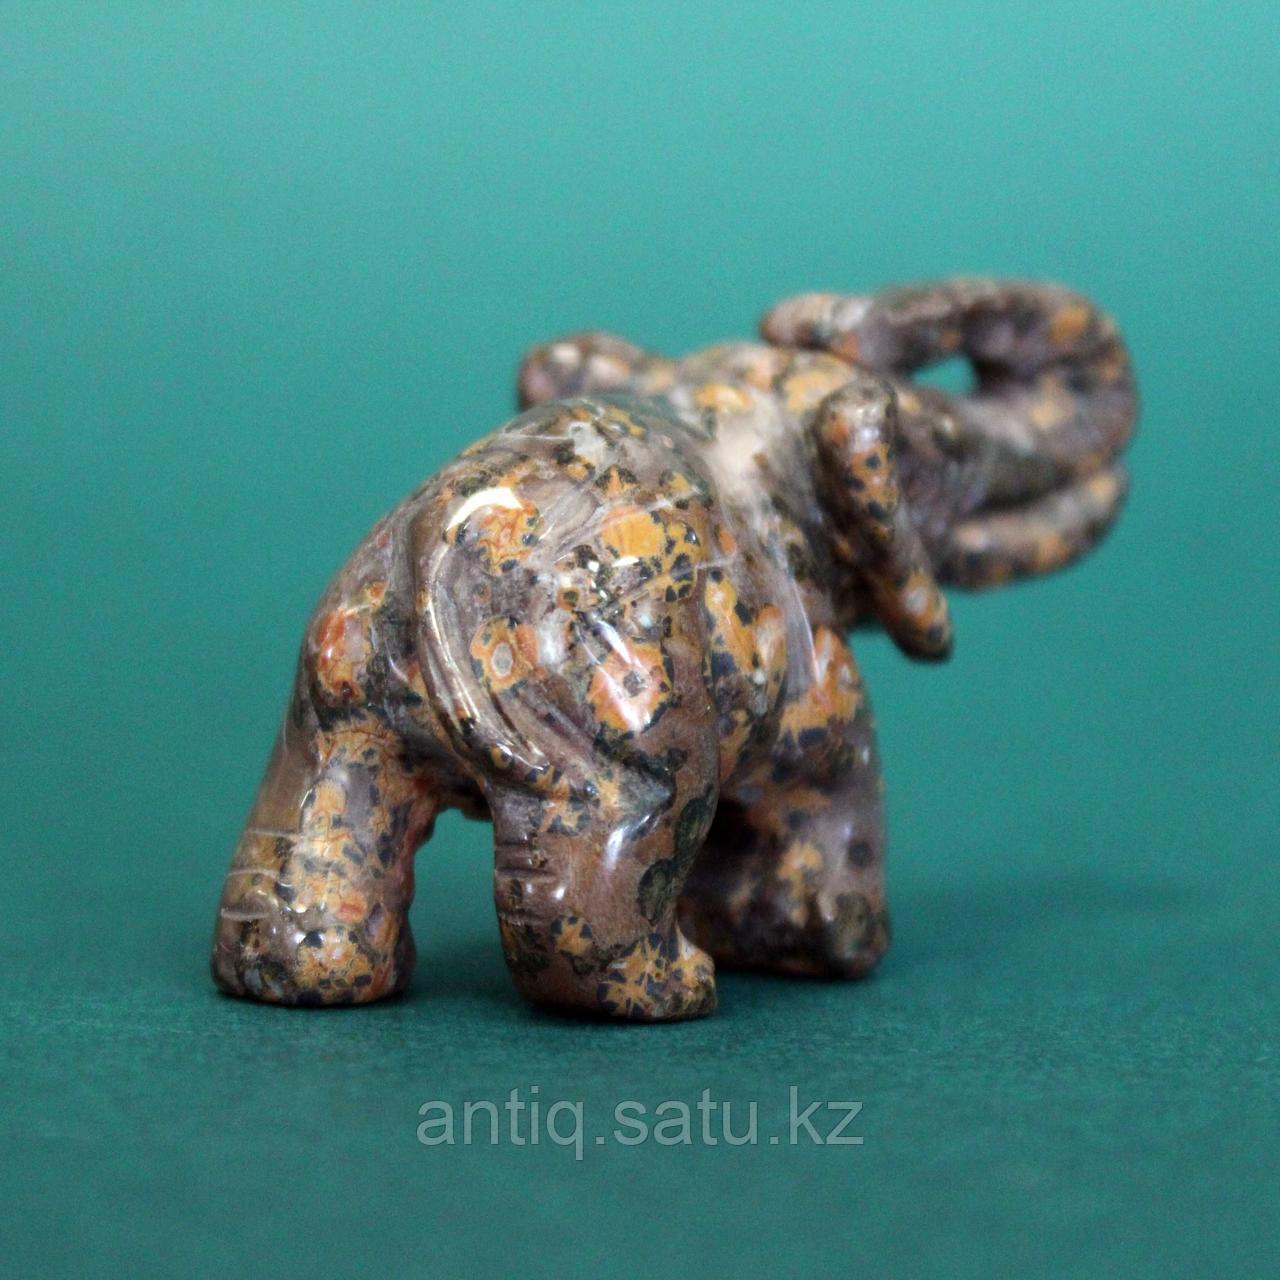 Слон из натурального камня. - фото 4